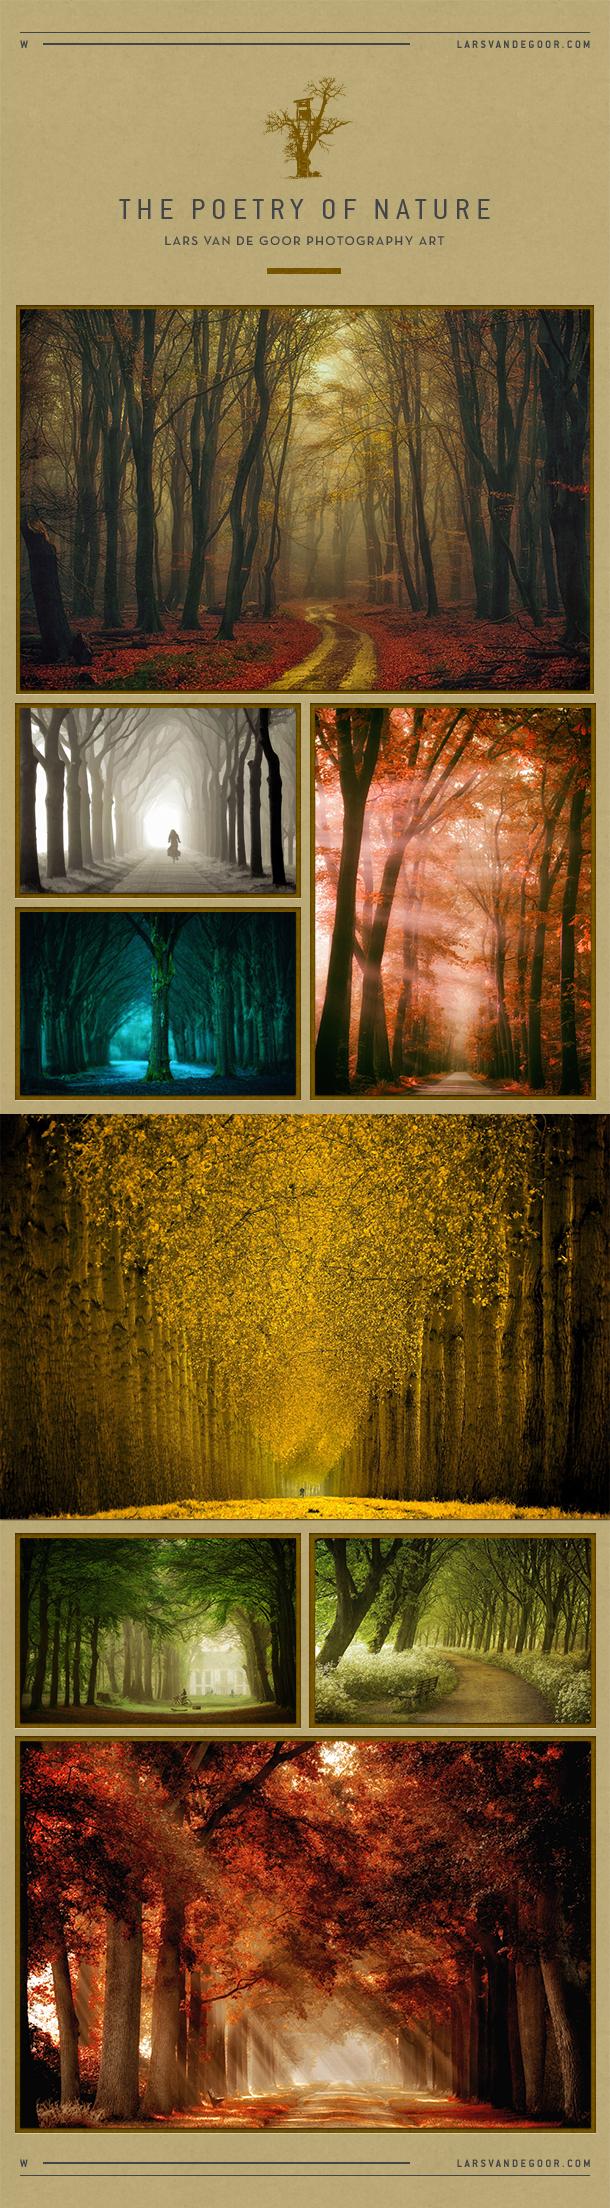 lars van de goor photography art by larsvandegoor on deviantart. Black Bedroom Furniture Sets. Home Design Ideas